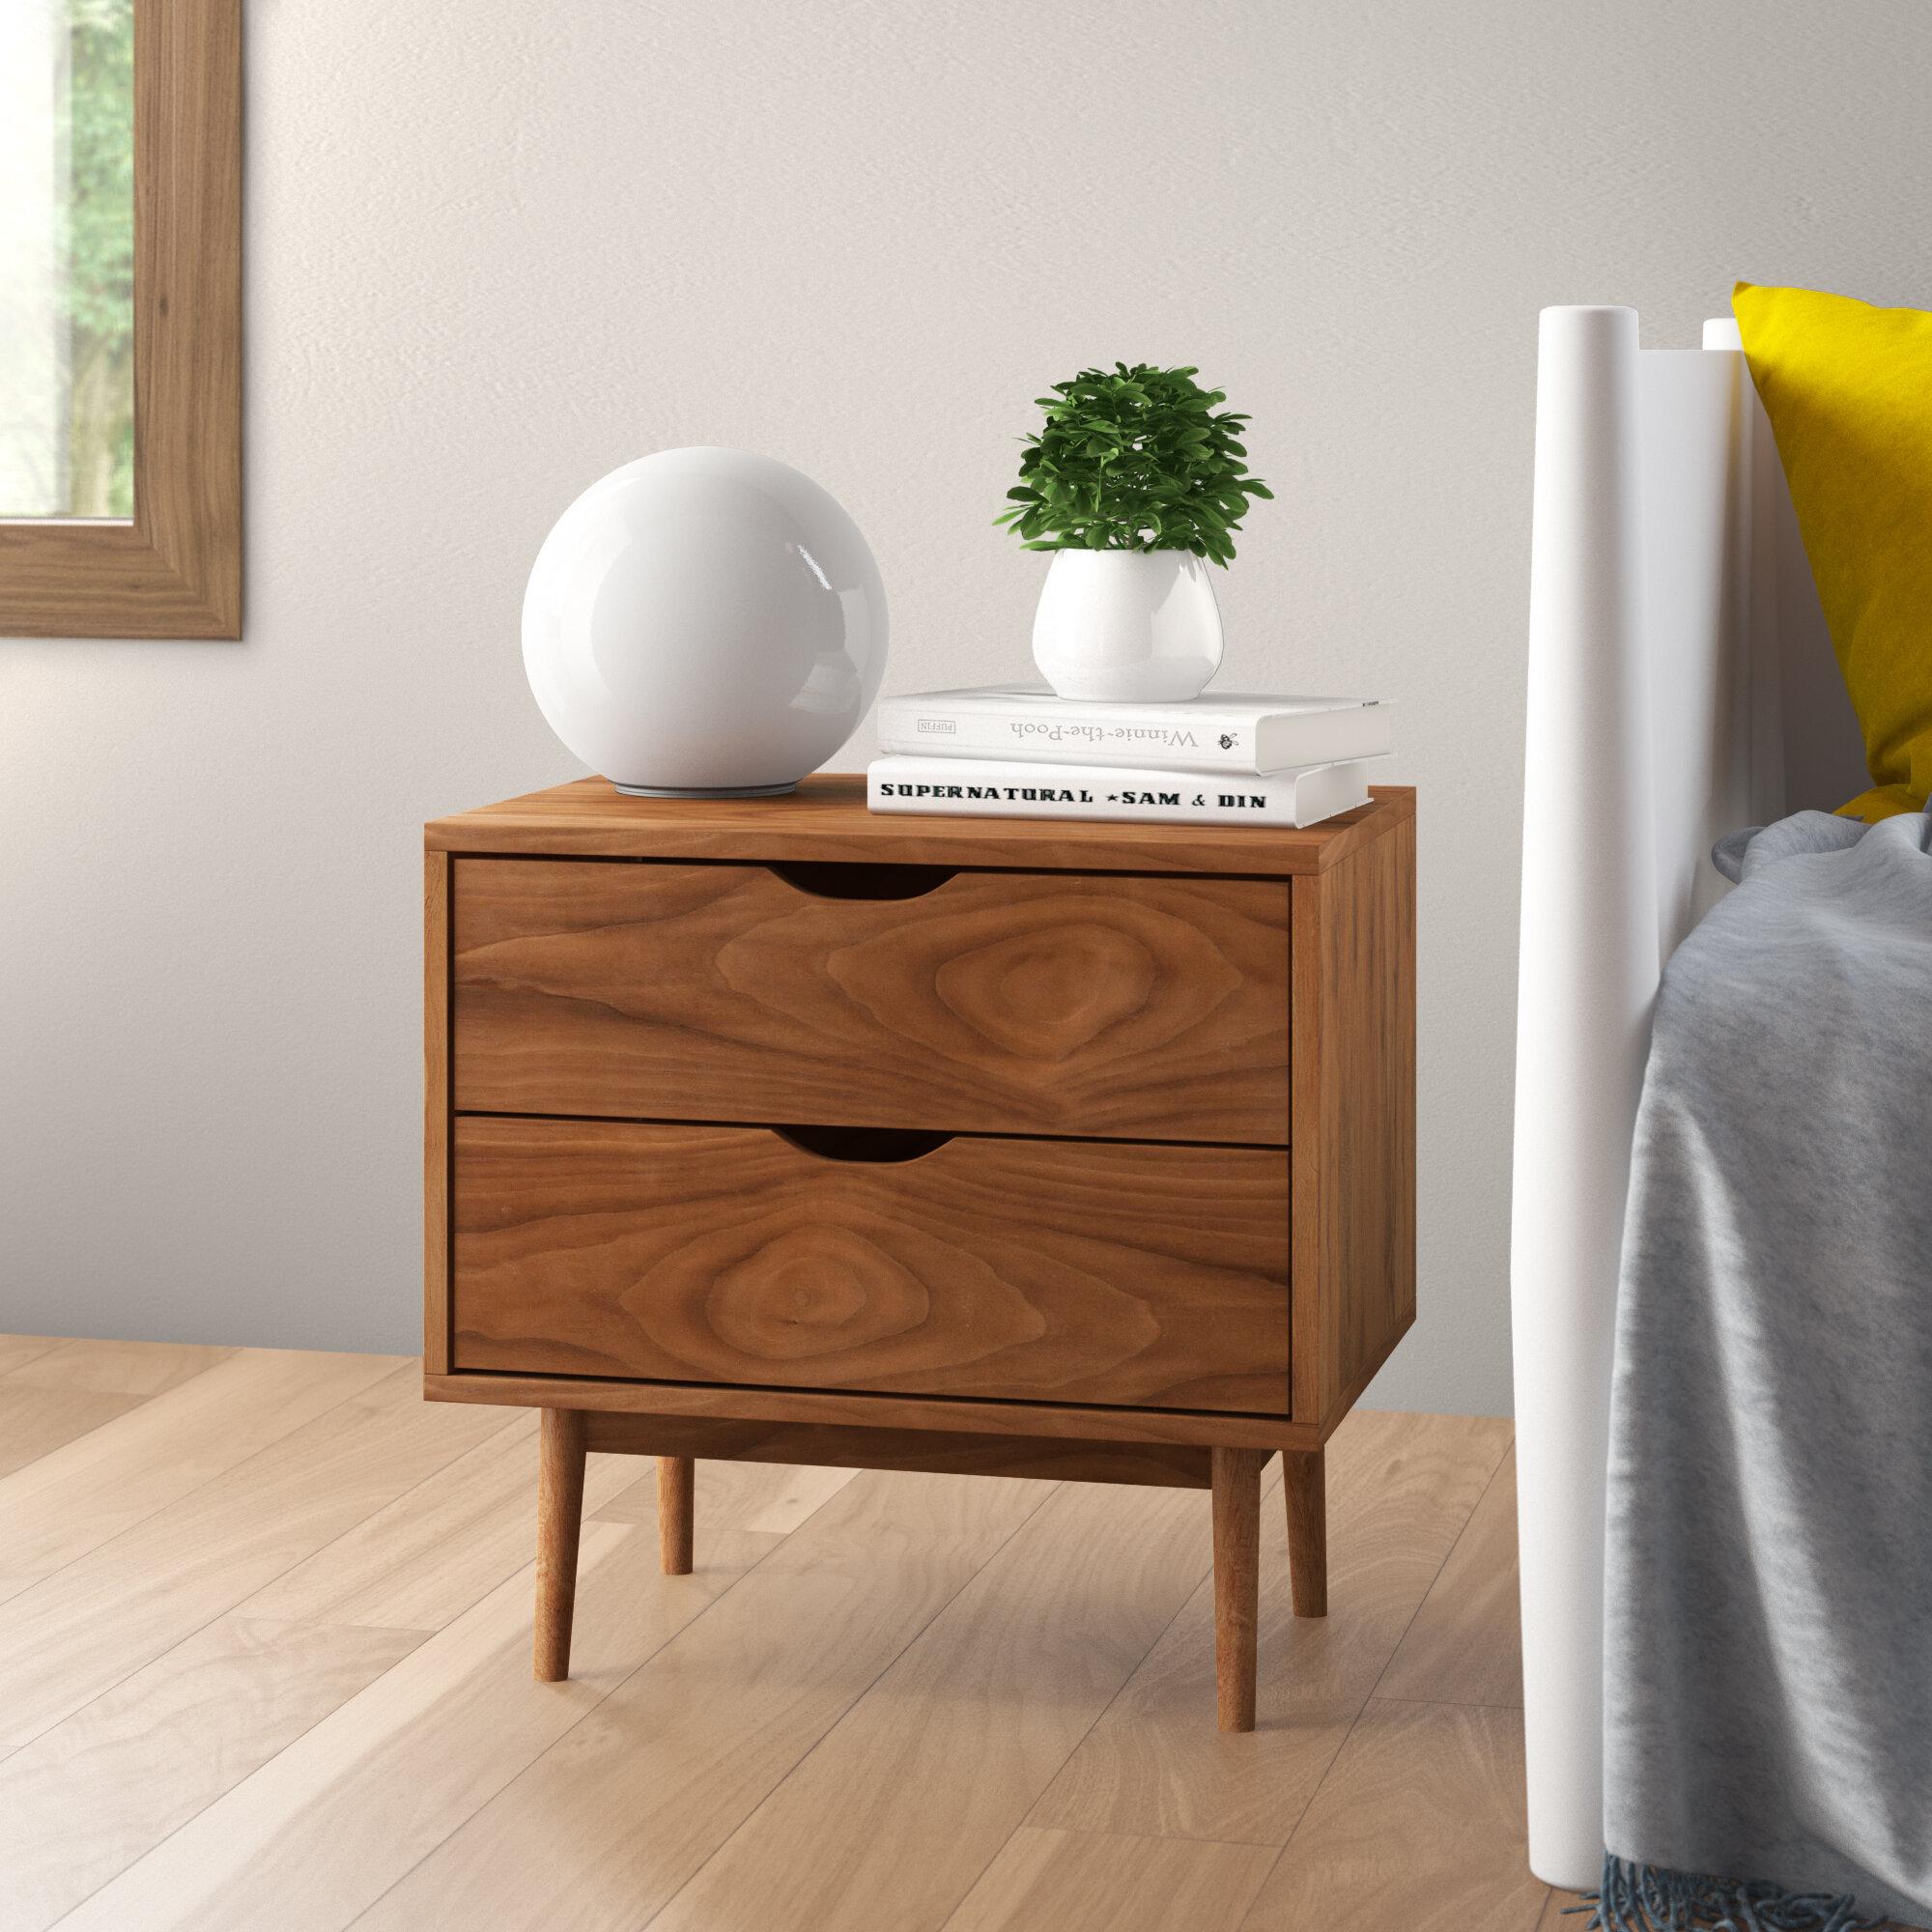 Bedside Tables Cabinets 4 Drawer Bedside Solid Wood Grey Table Modern Furniture Tapered Legs Assembled Home Furniture Diy Quatrok Com Br